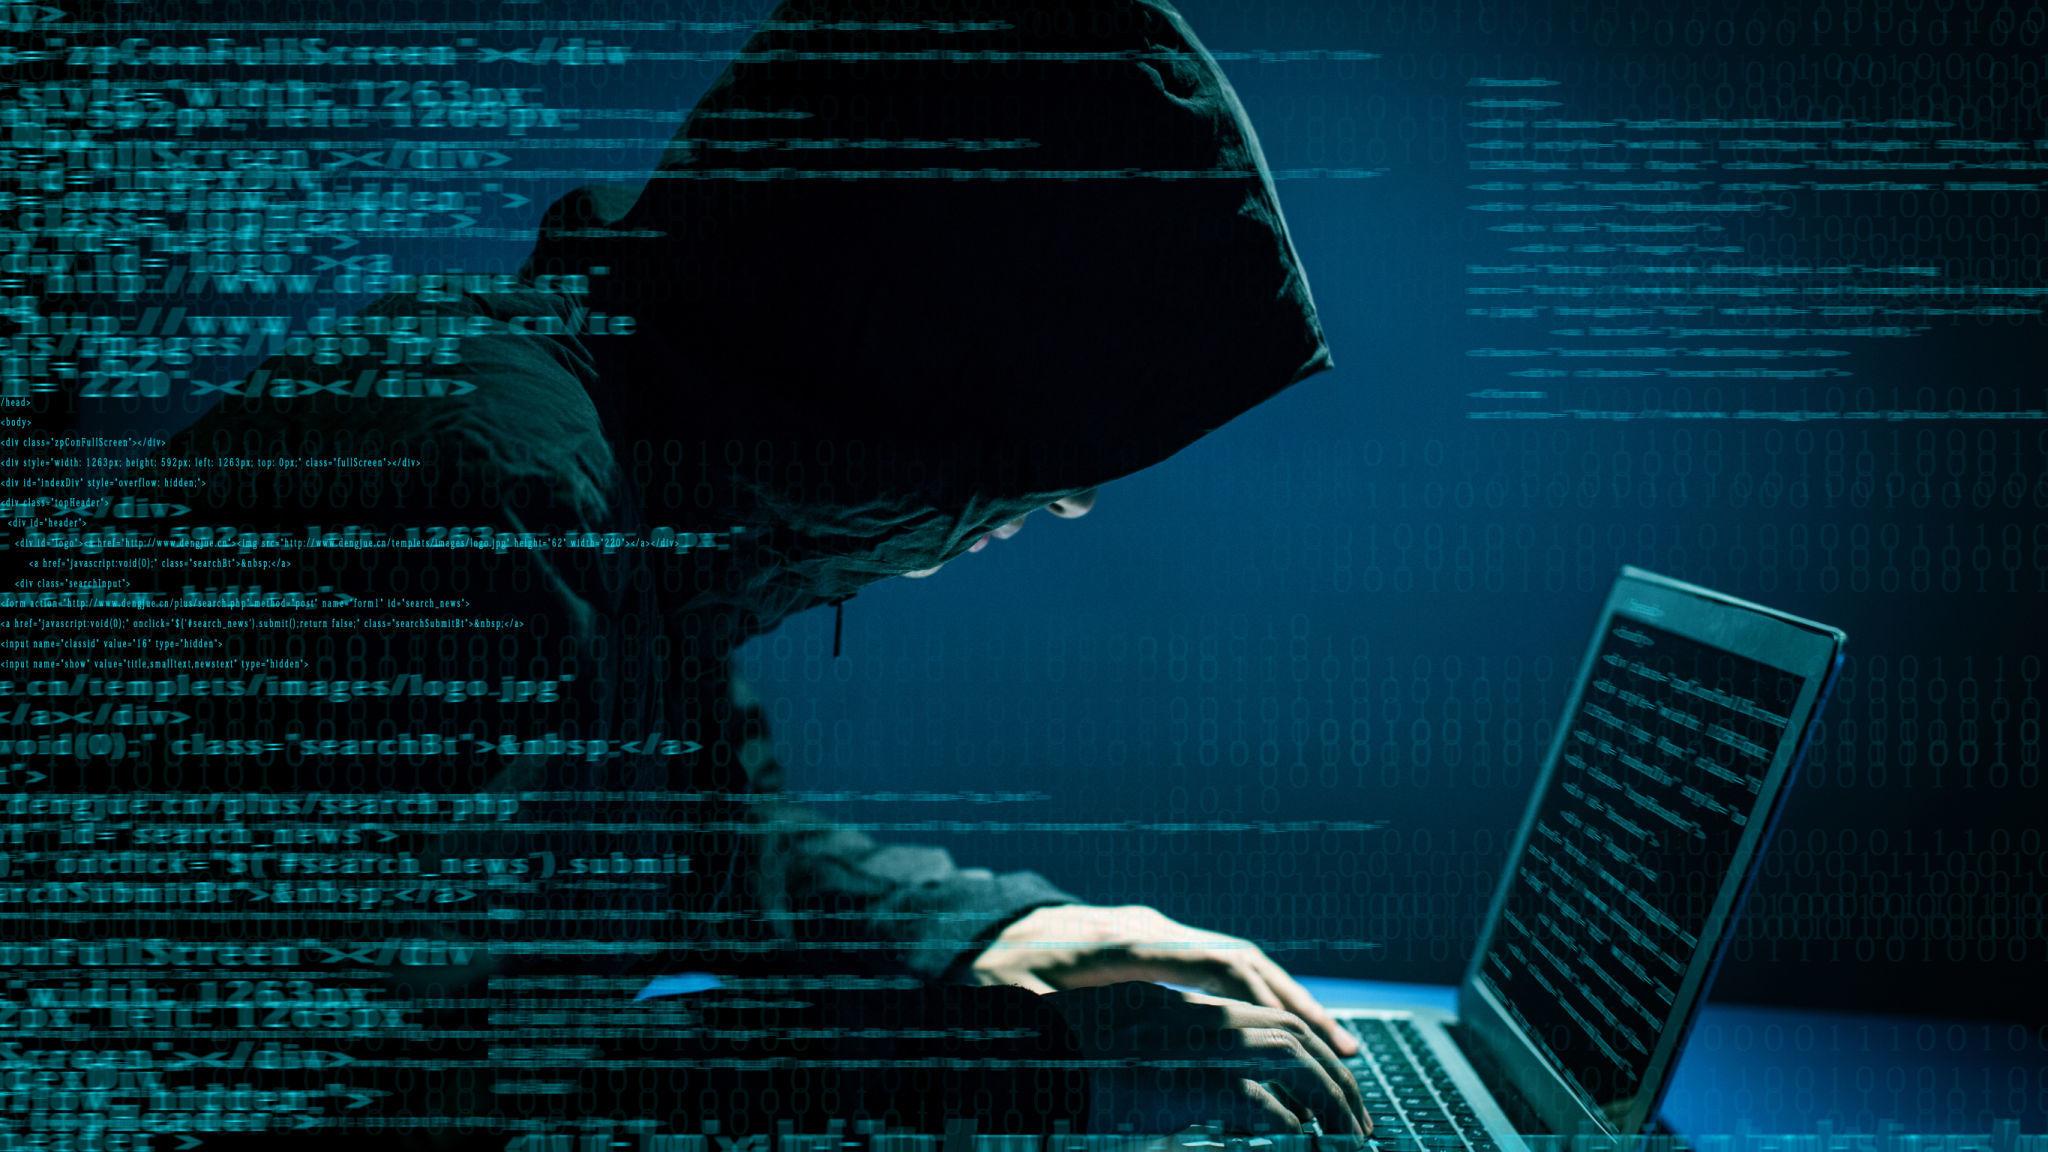 В Германии отпустили хакера, который украл данные политиков